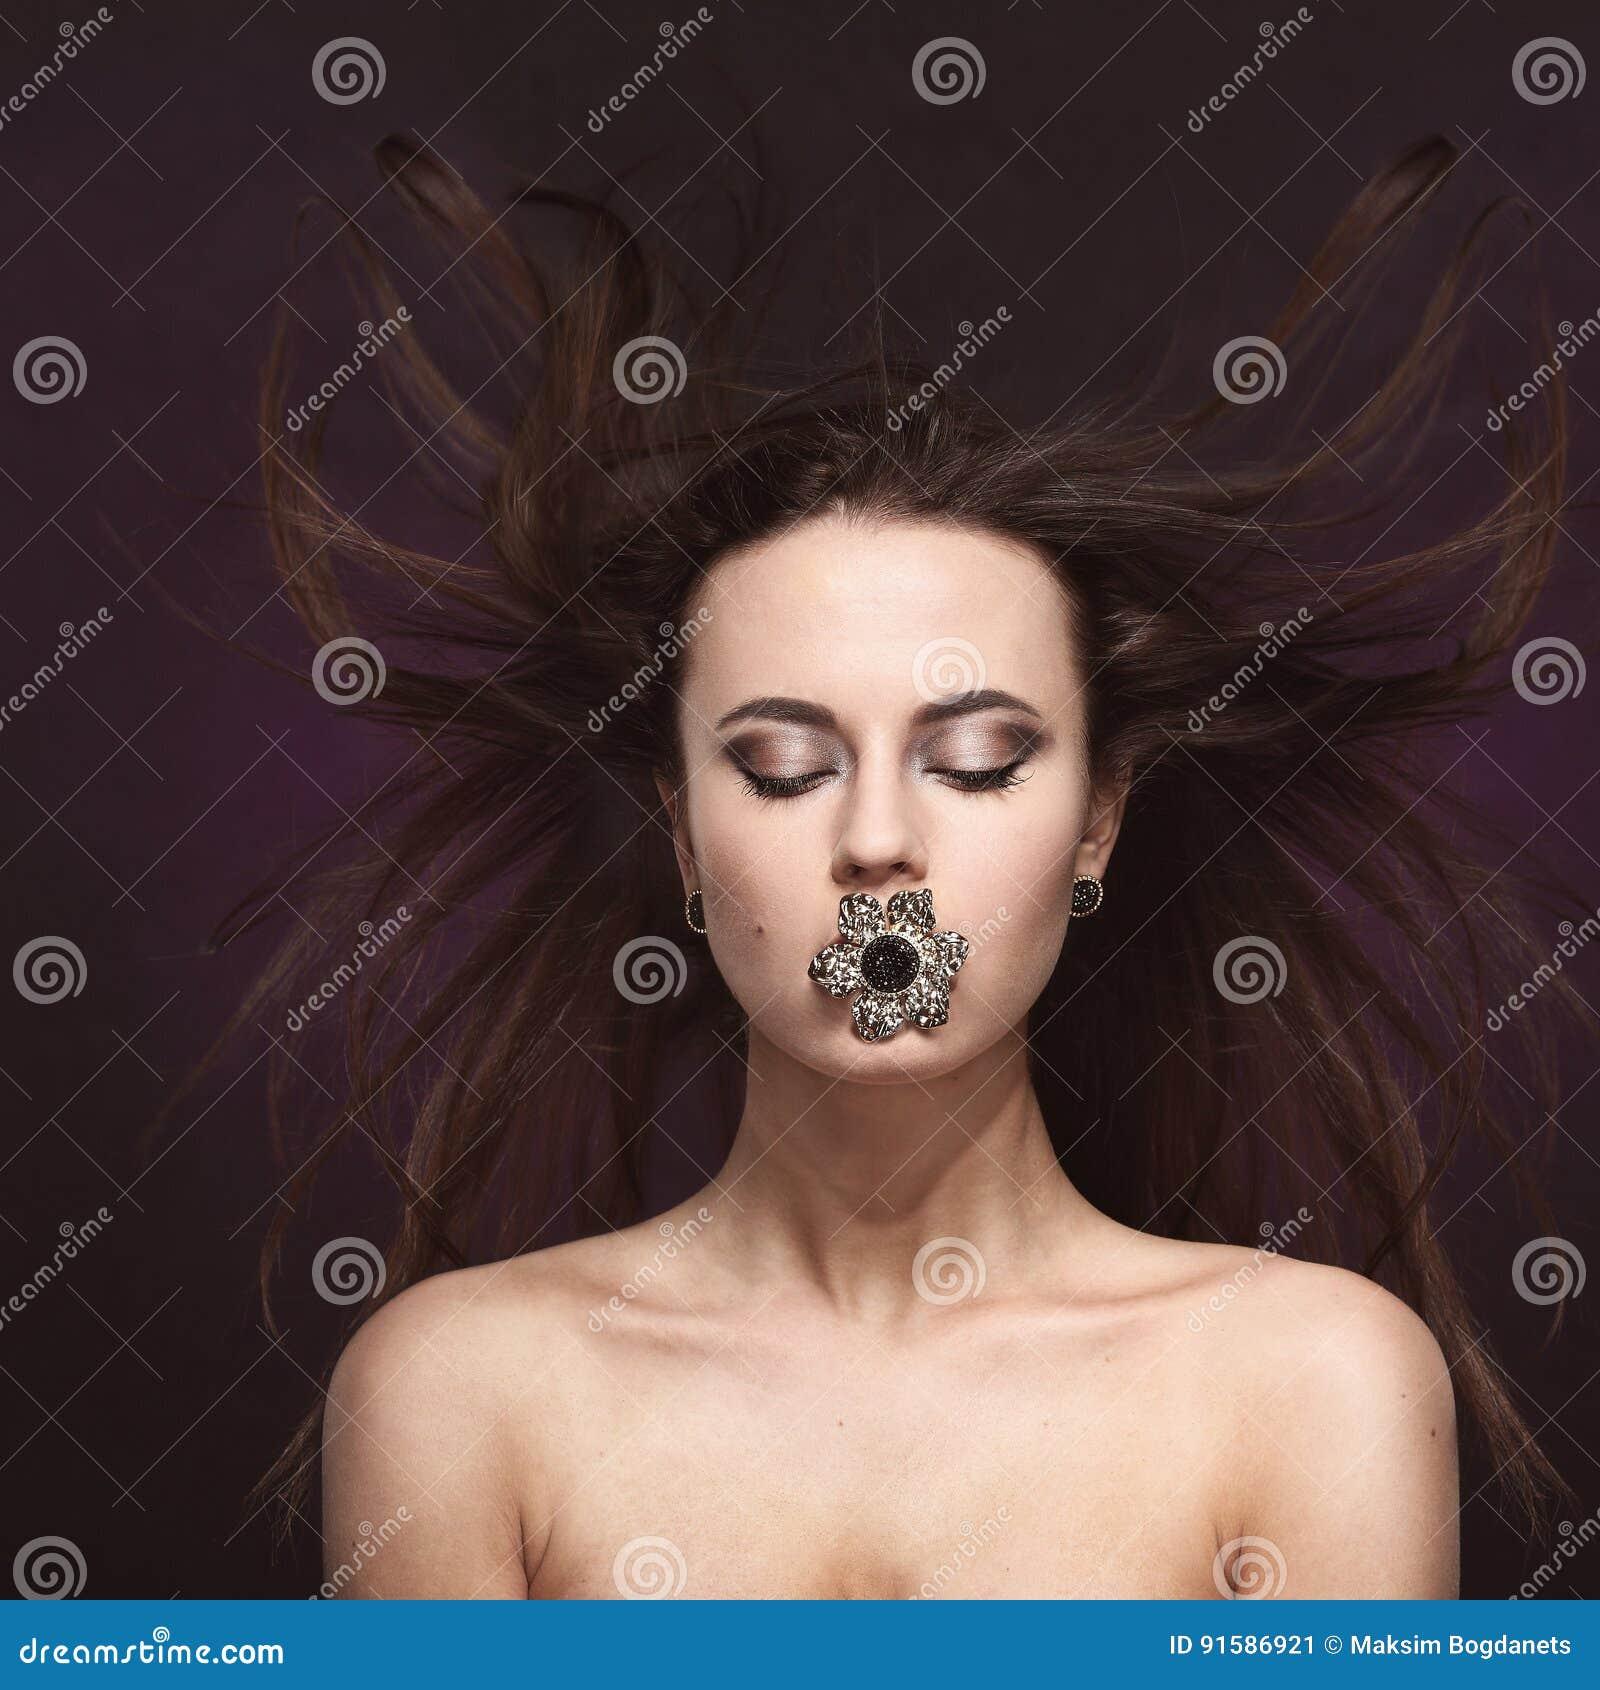 有专业显示大圆环的构成和发型的美丽的深色的妇女在嘴和耳环 登广告者做广告 飞行灰色头发夫人年轻人的有吸引力的背景梳子